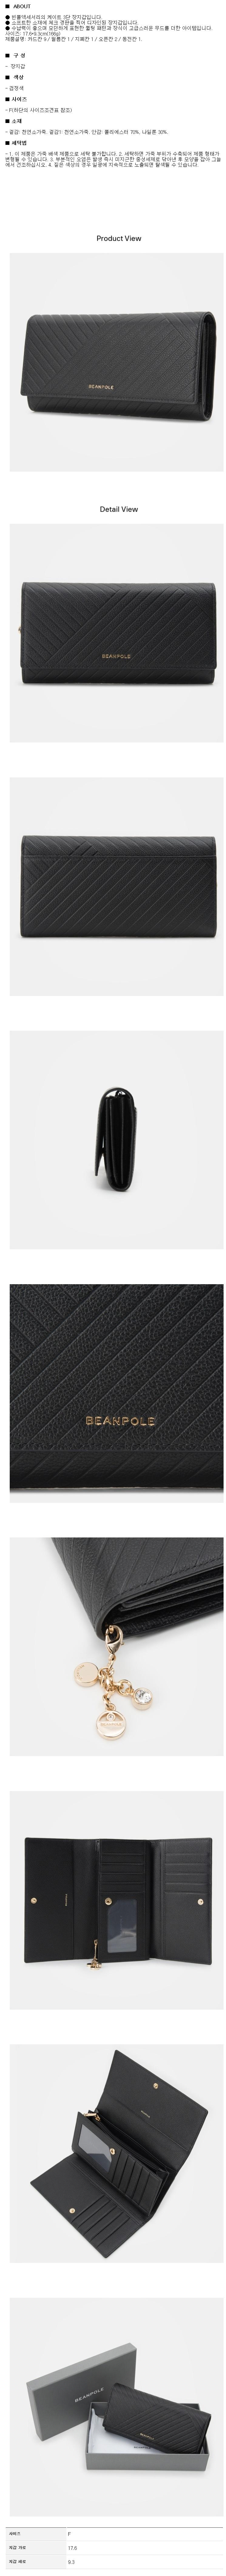 빈폴 액세서리(BEANPOLE ACCESSORY) (여) 블랙 케이트 3단 장지갑 (BE91A4M715)